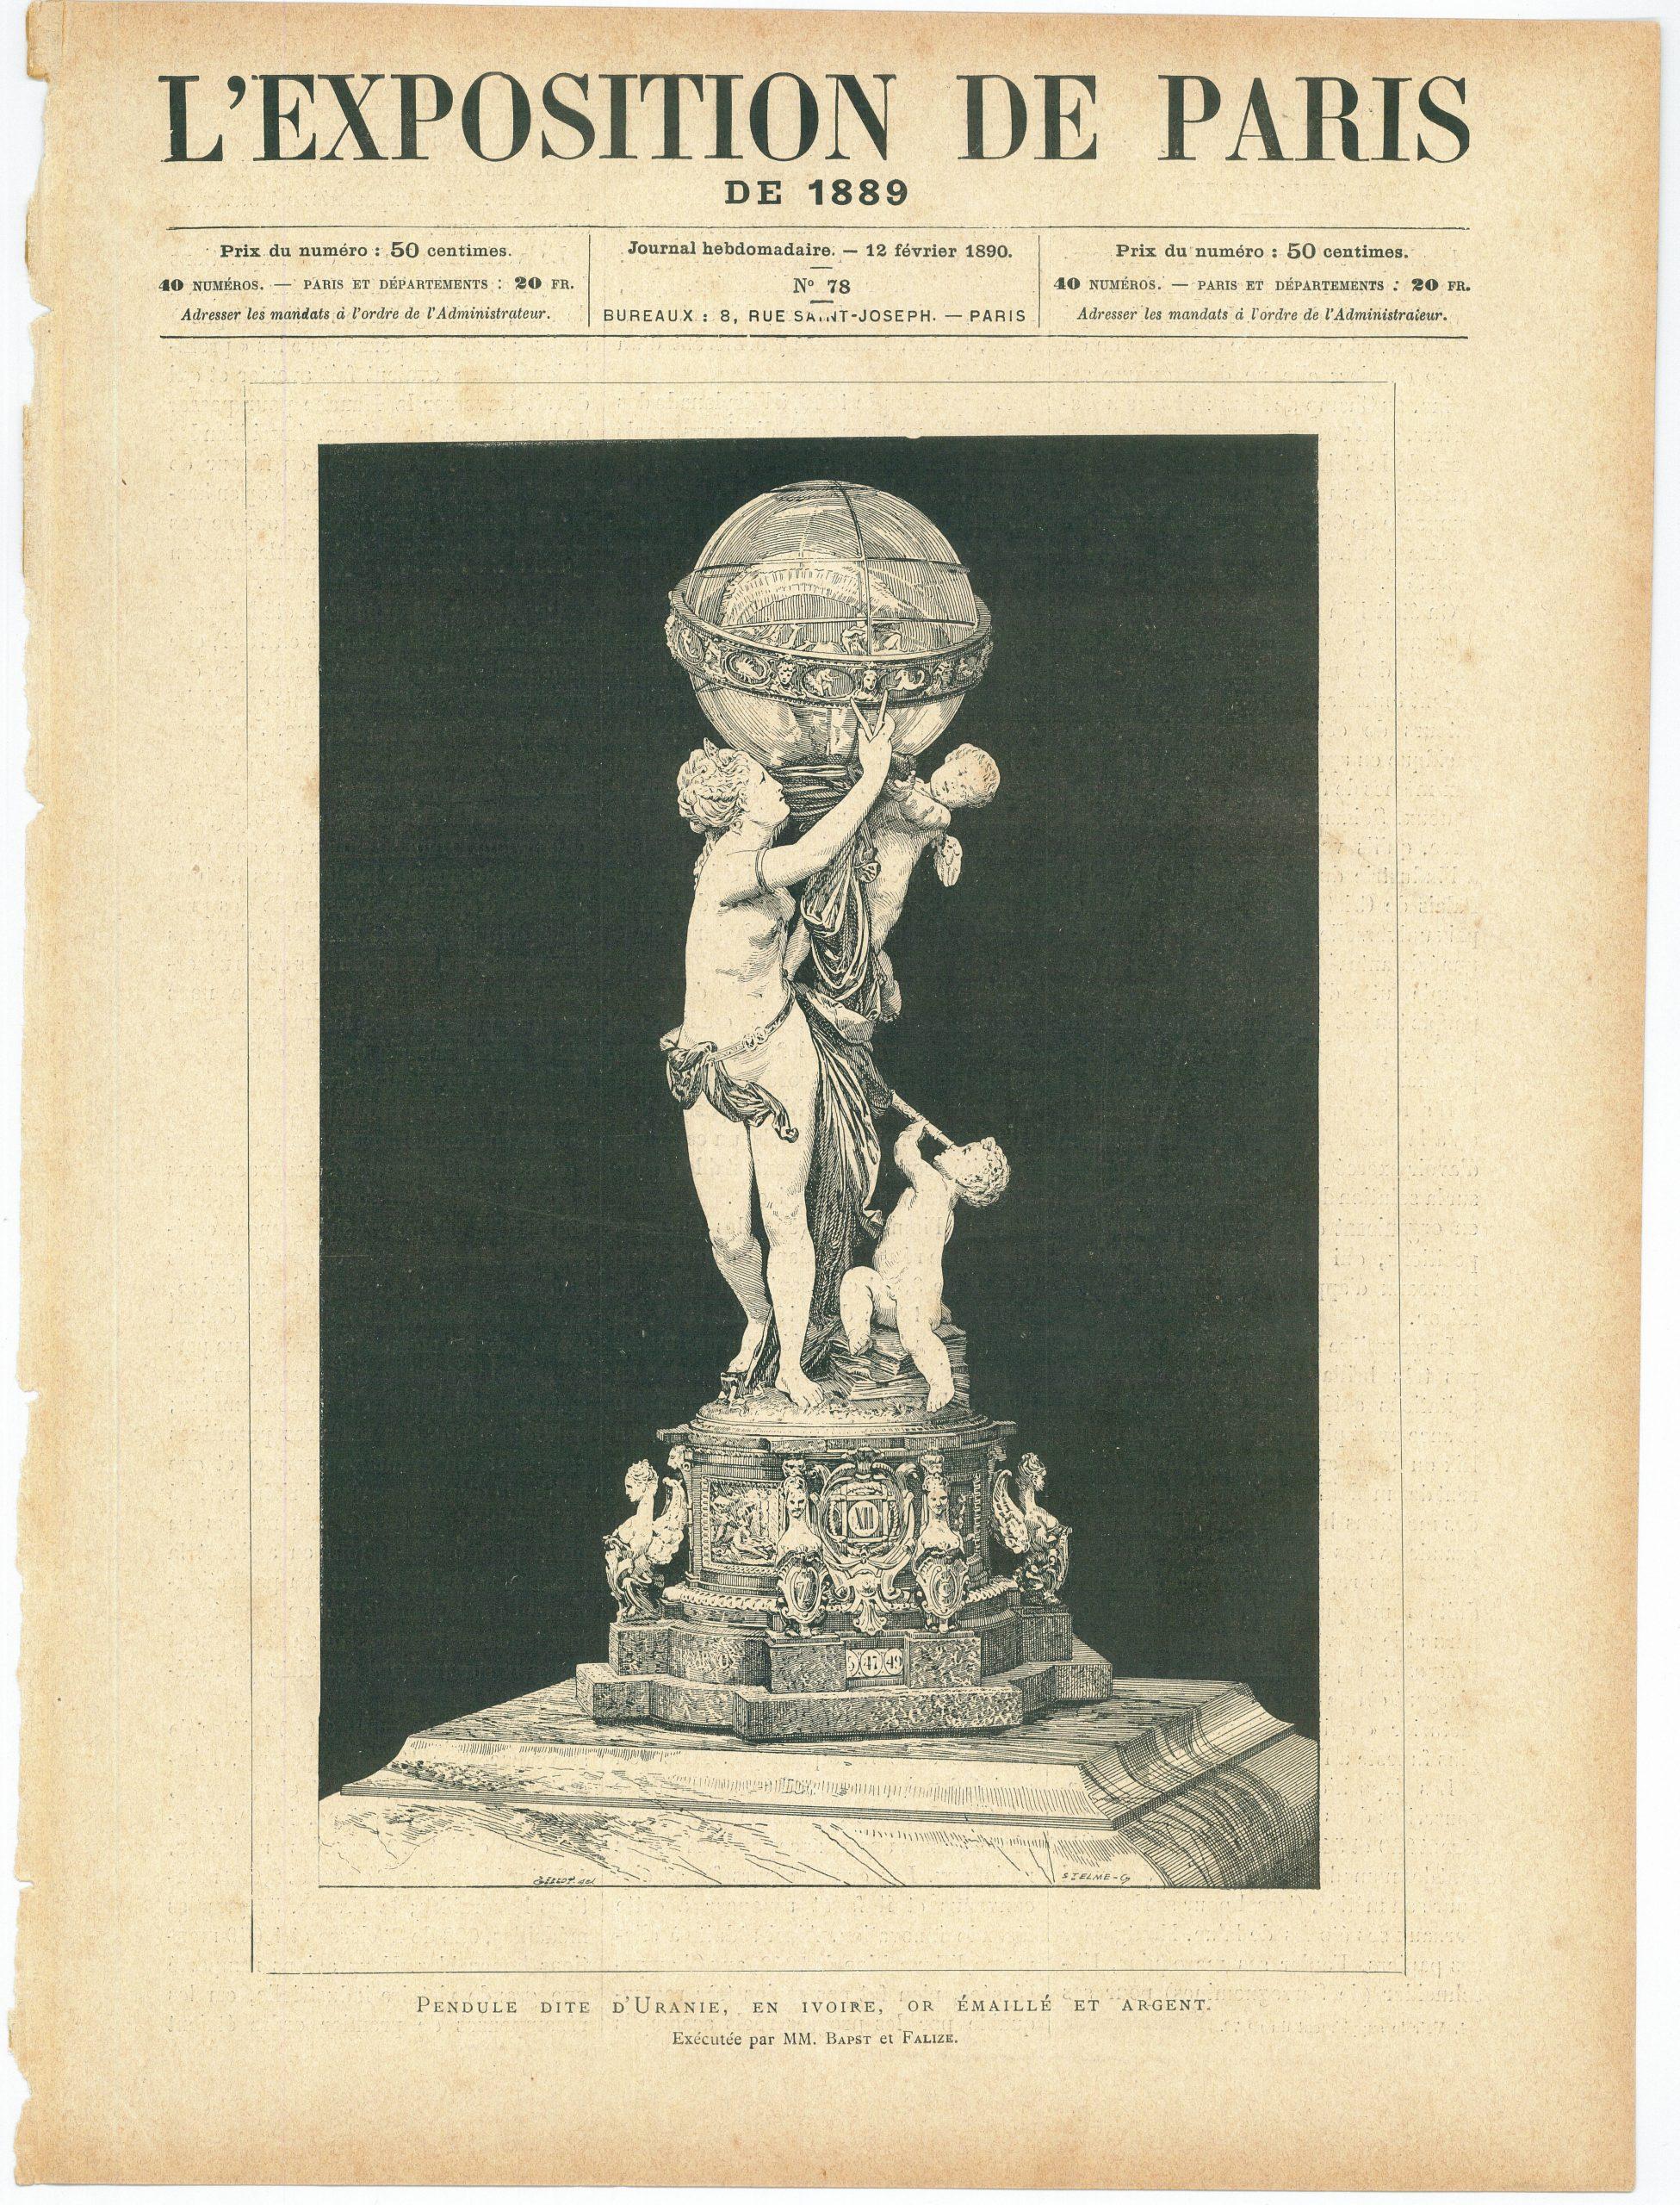 File:l'exposition De Paris De 1889 No78 Page 297 avec Numéro Des Départements